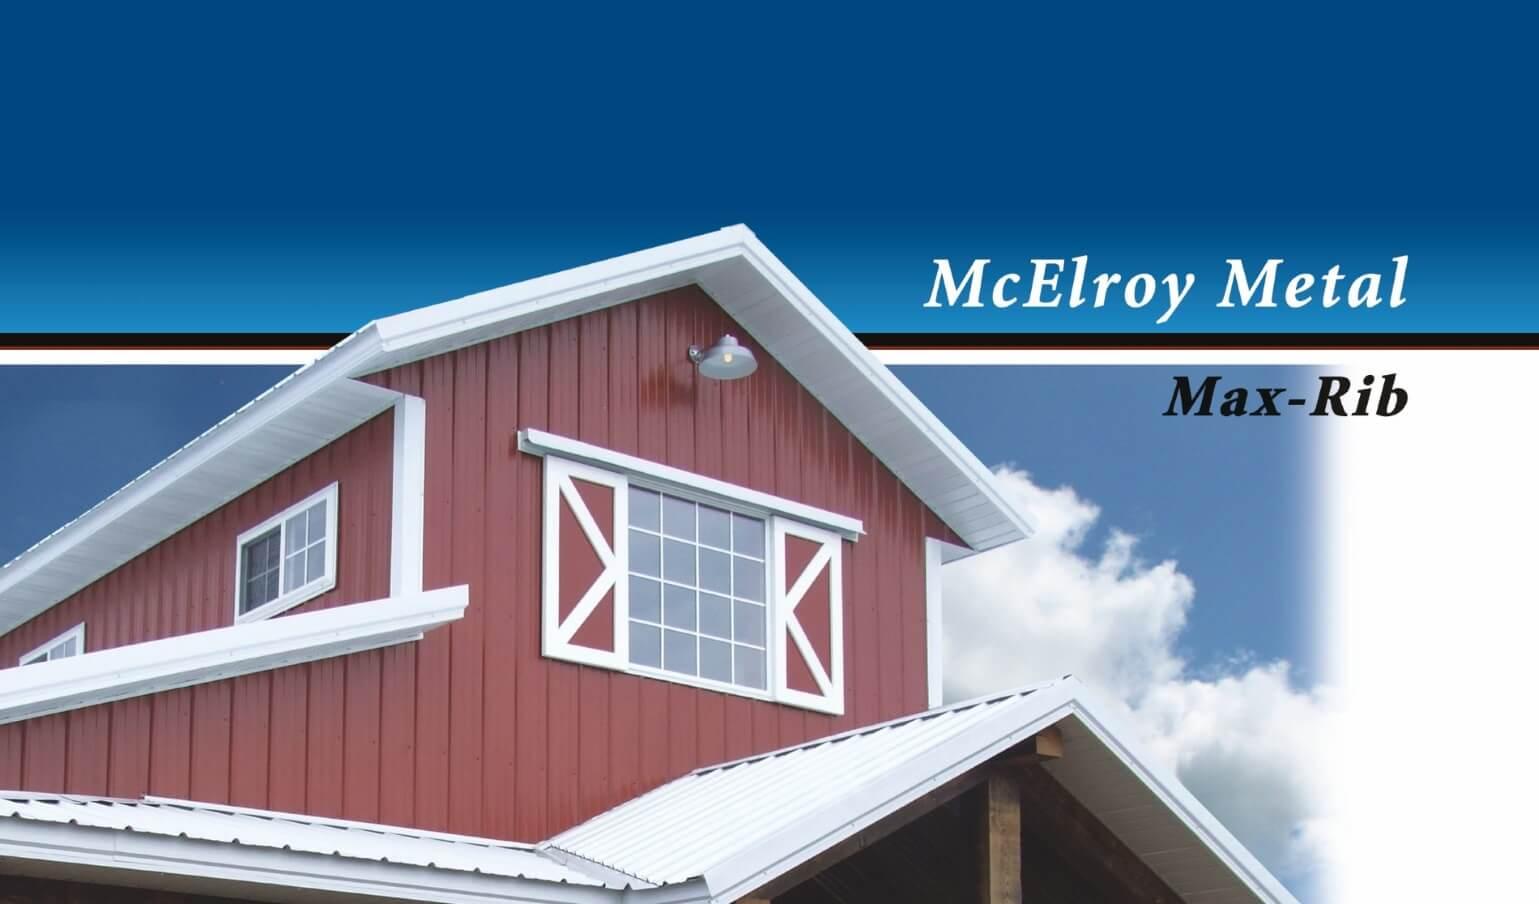 McElroy Metal releases updated Max-Rib brochure